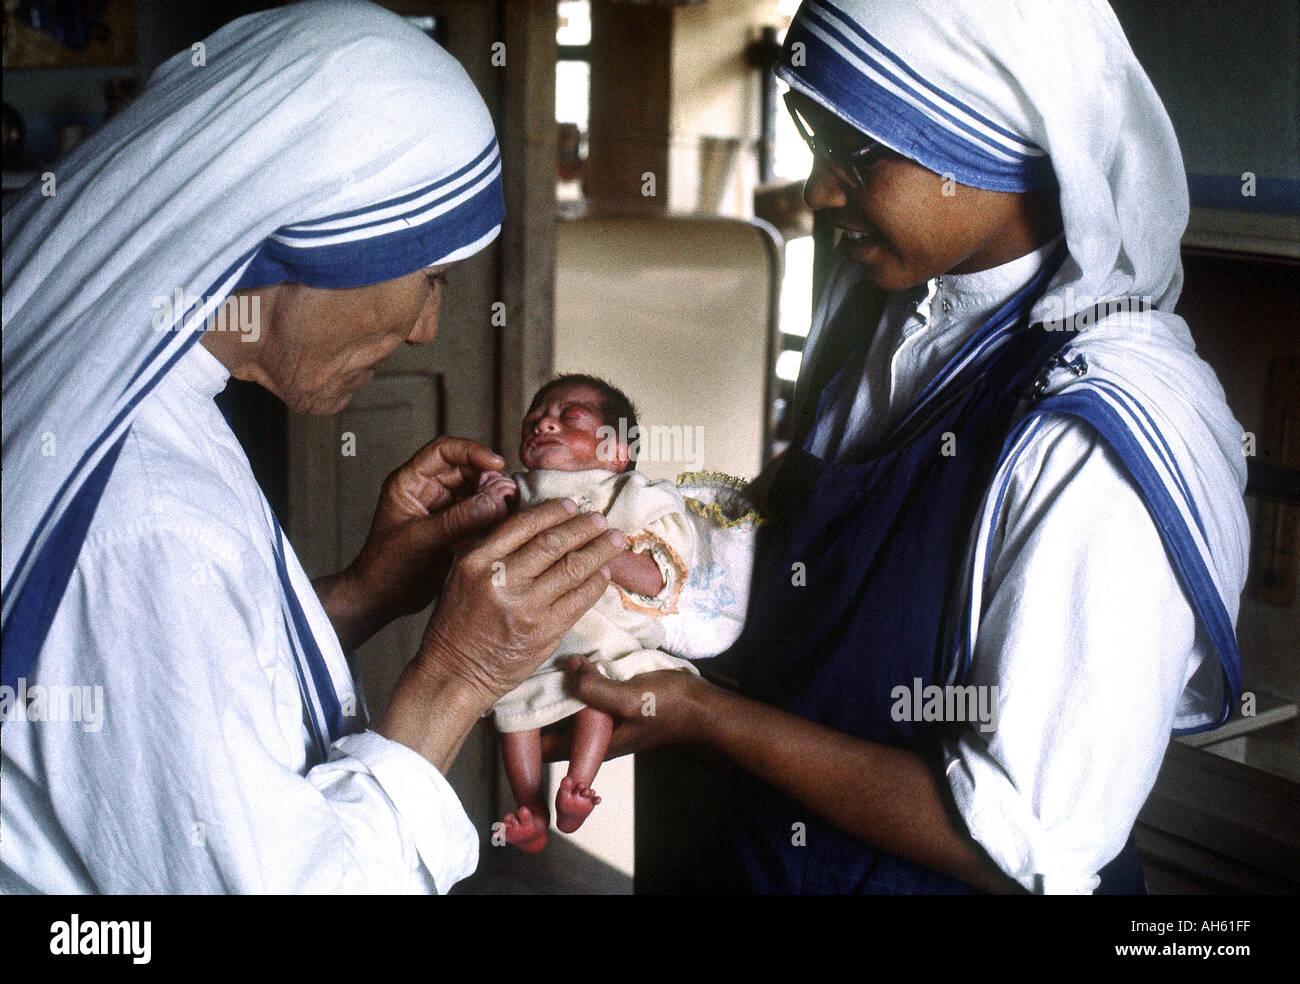 La madre Teresa de Calcuta, India 1969 bebé recién nacido recibió el Premio Nobel de la Paz en 1979 Imagen De Stock